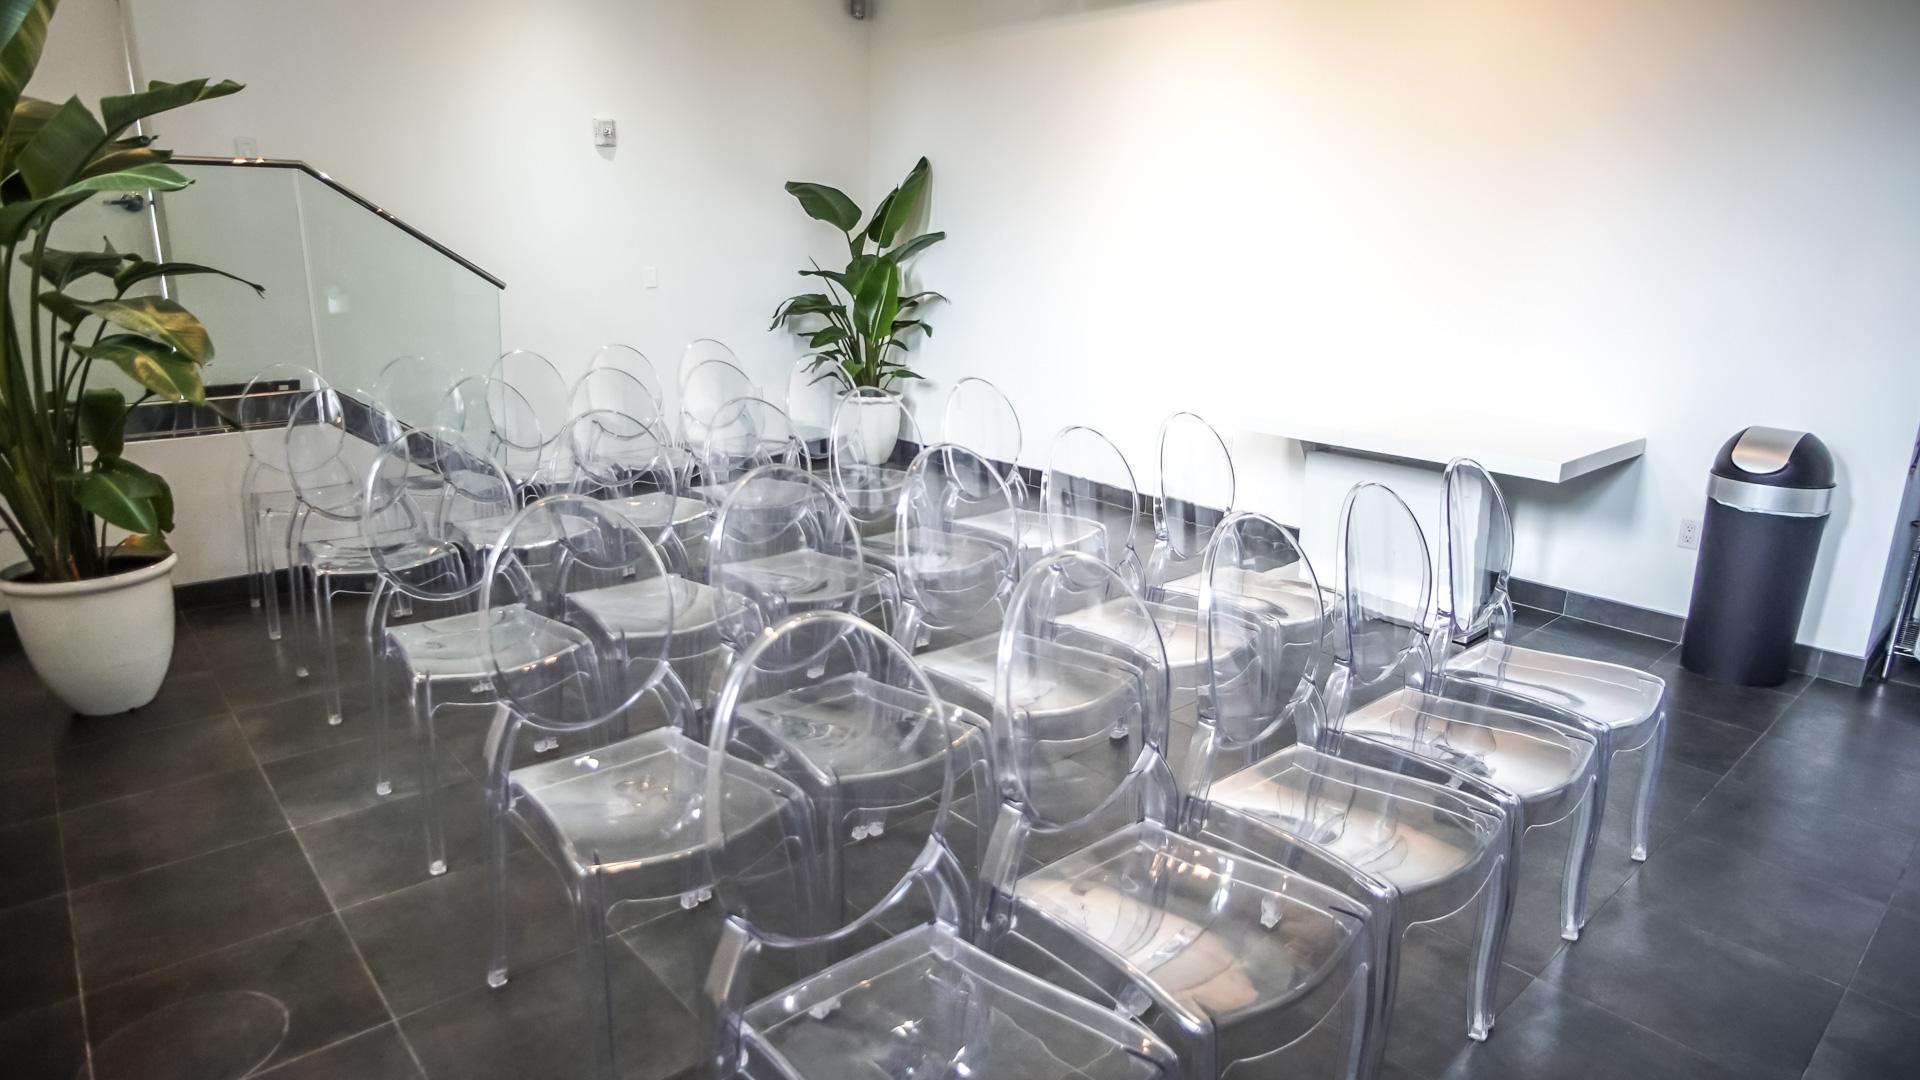 Luxury meeting space